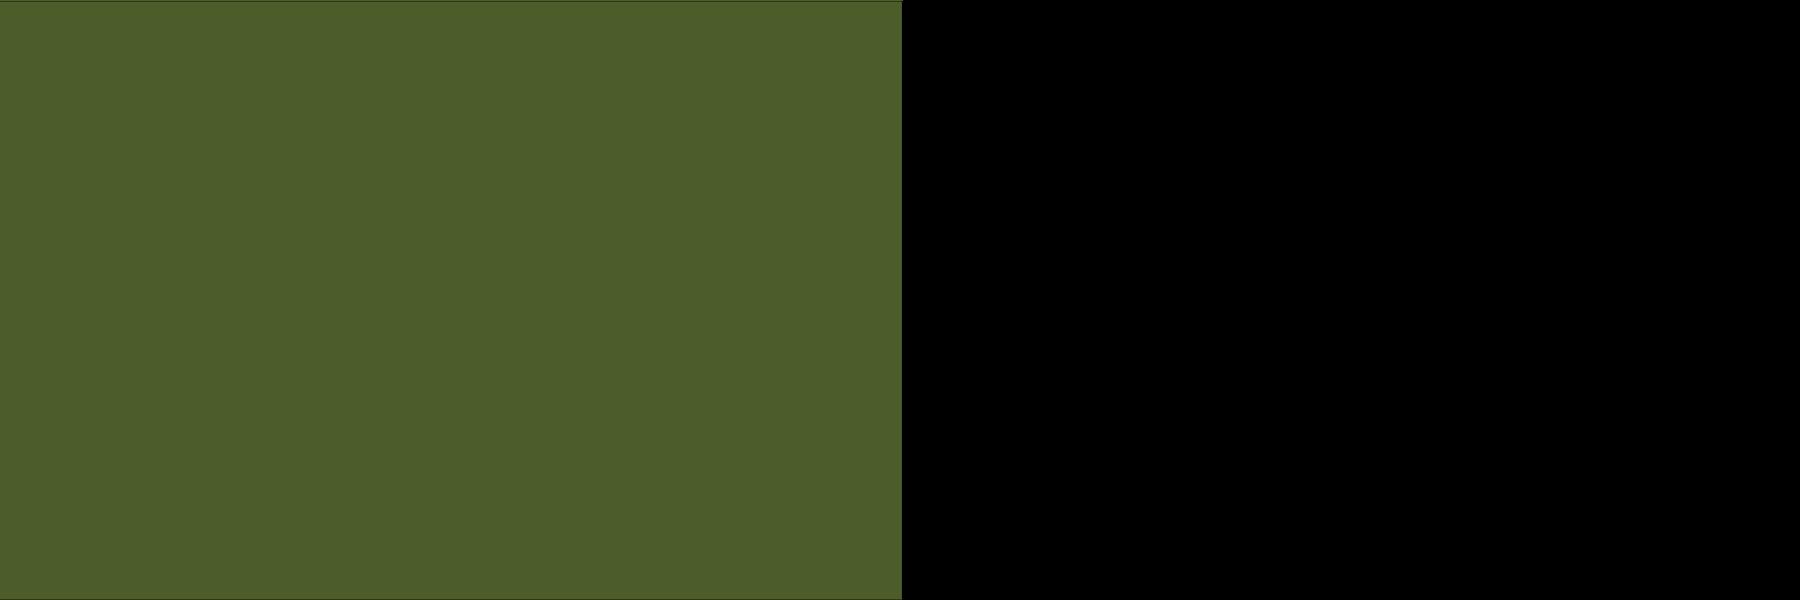 oliveblack.jpg